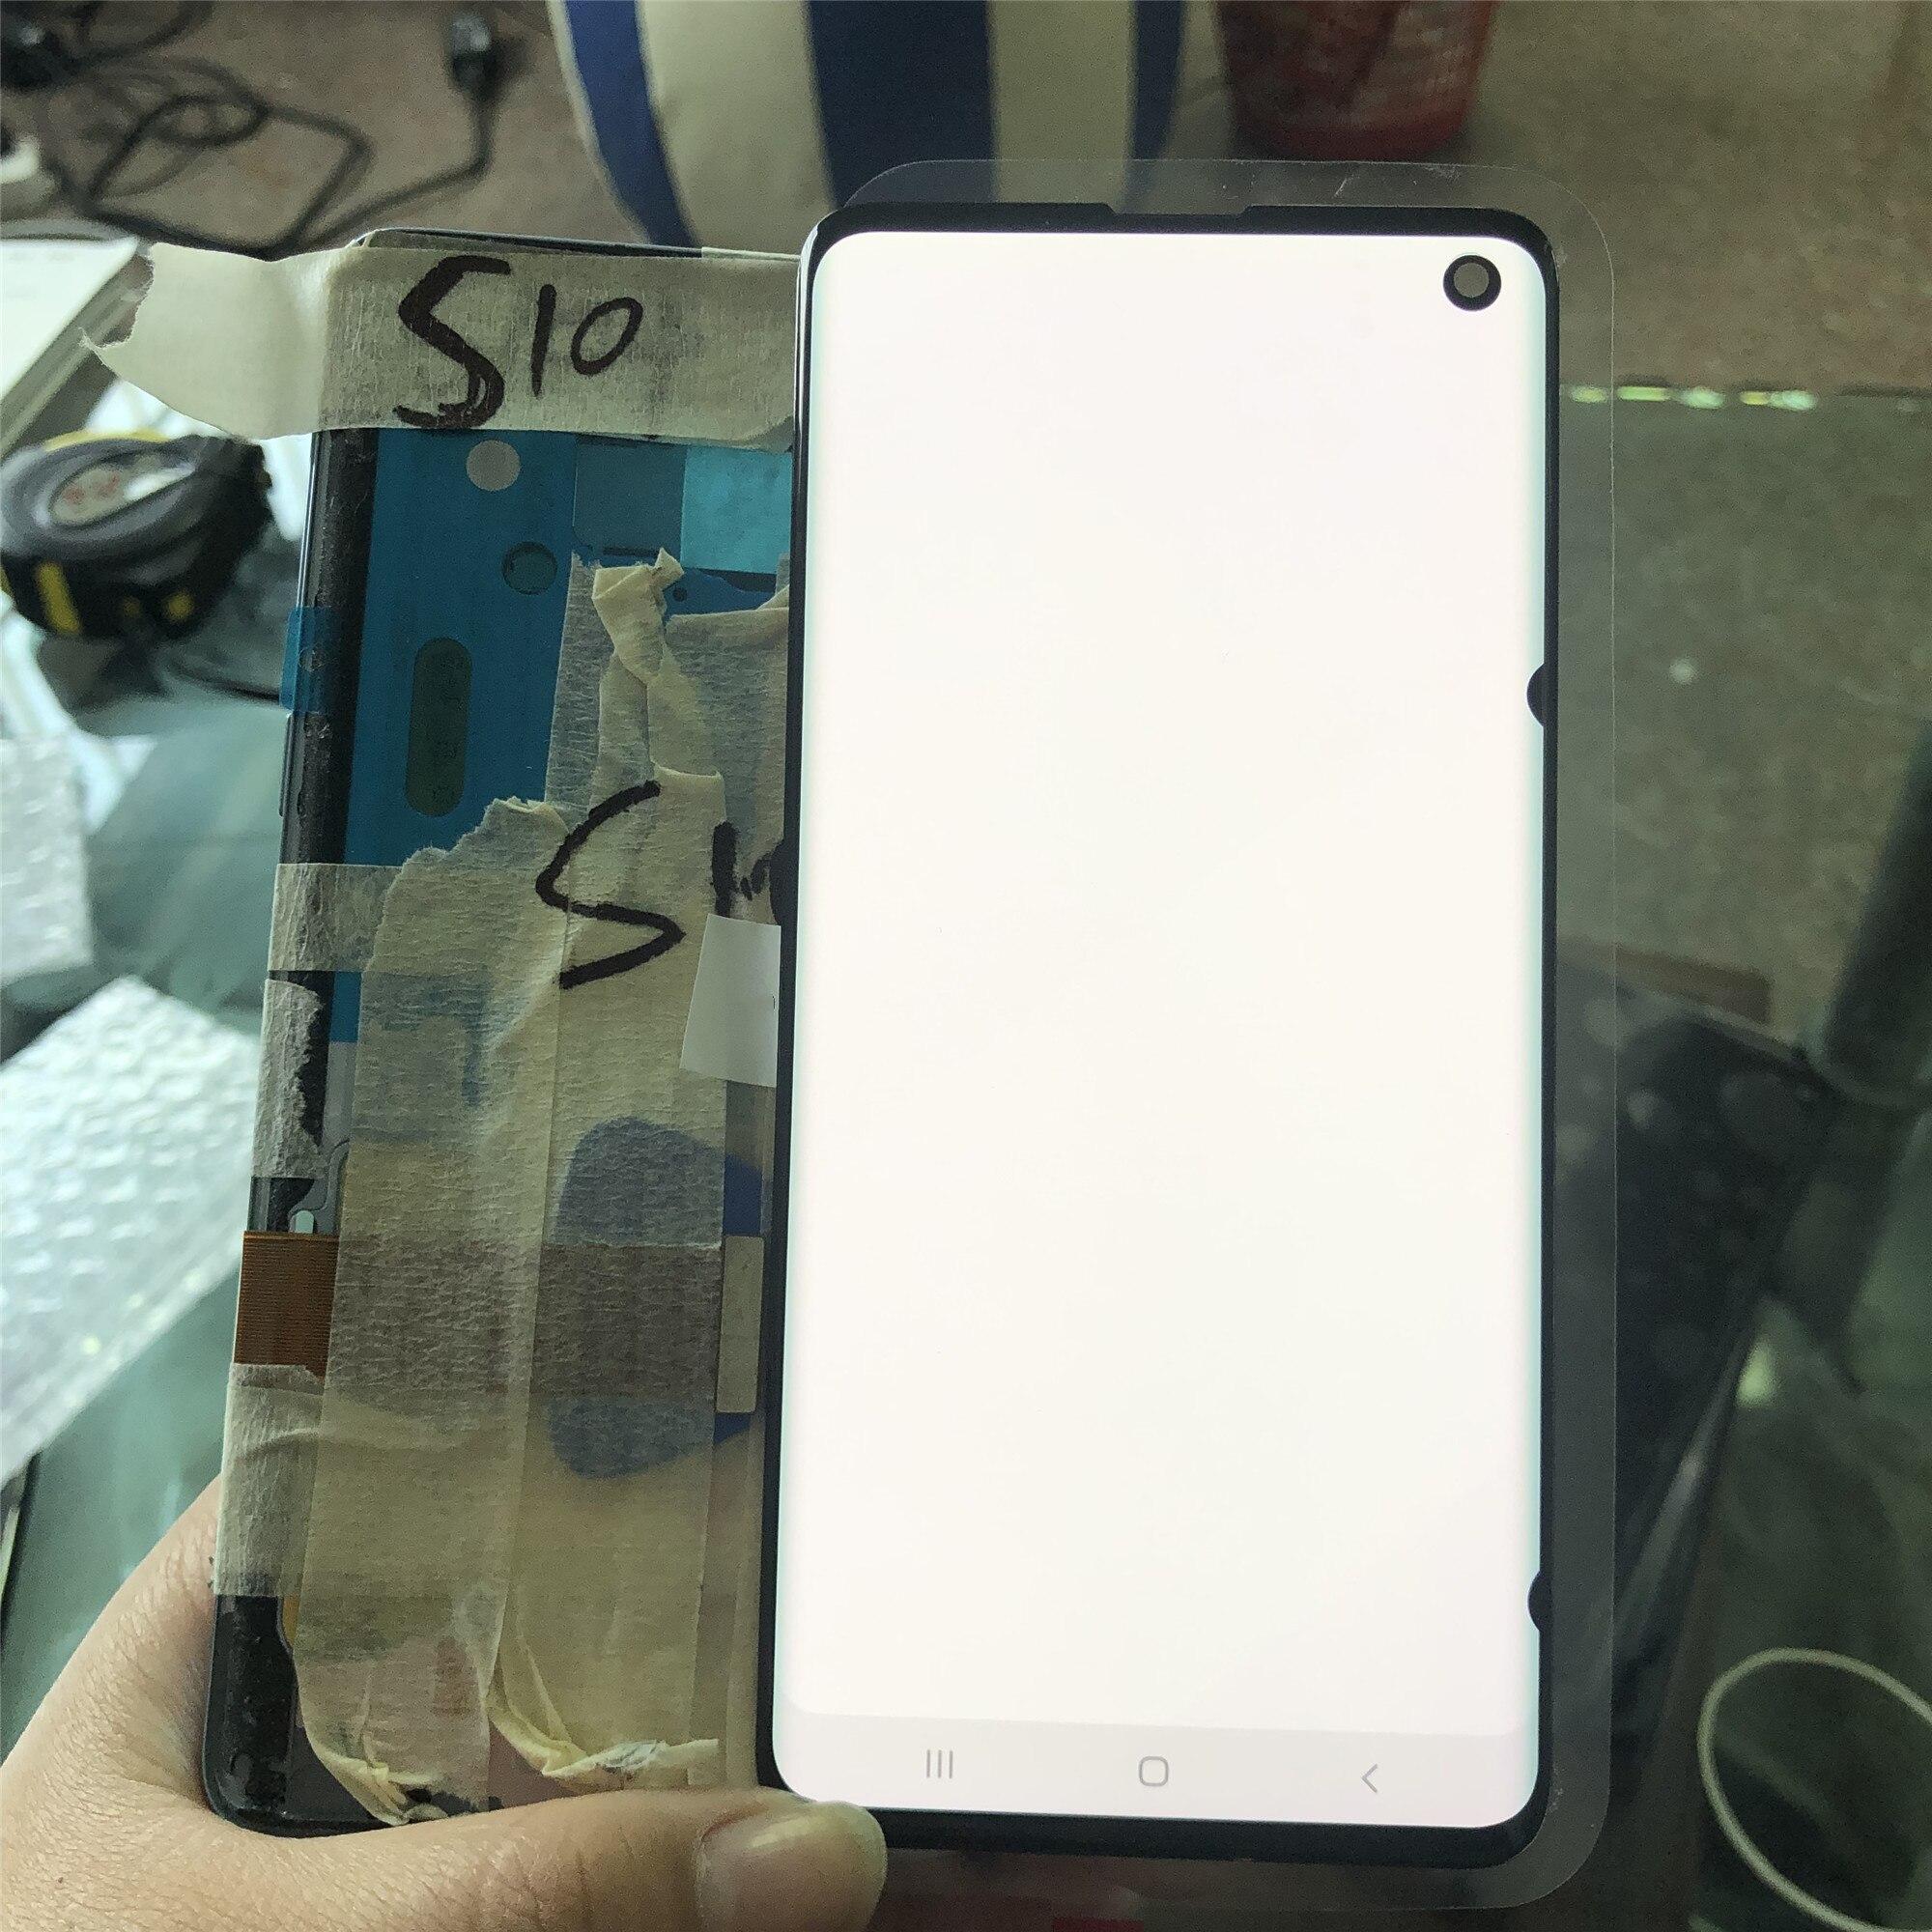 شاشة LCD أصلية 100% لجهاز سامسونج جالاكسي S10e و S10, شاشة لمس مع نقطة سوداء لأجهزة G9730 S10 + Plus G9750